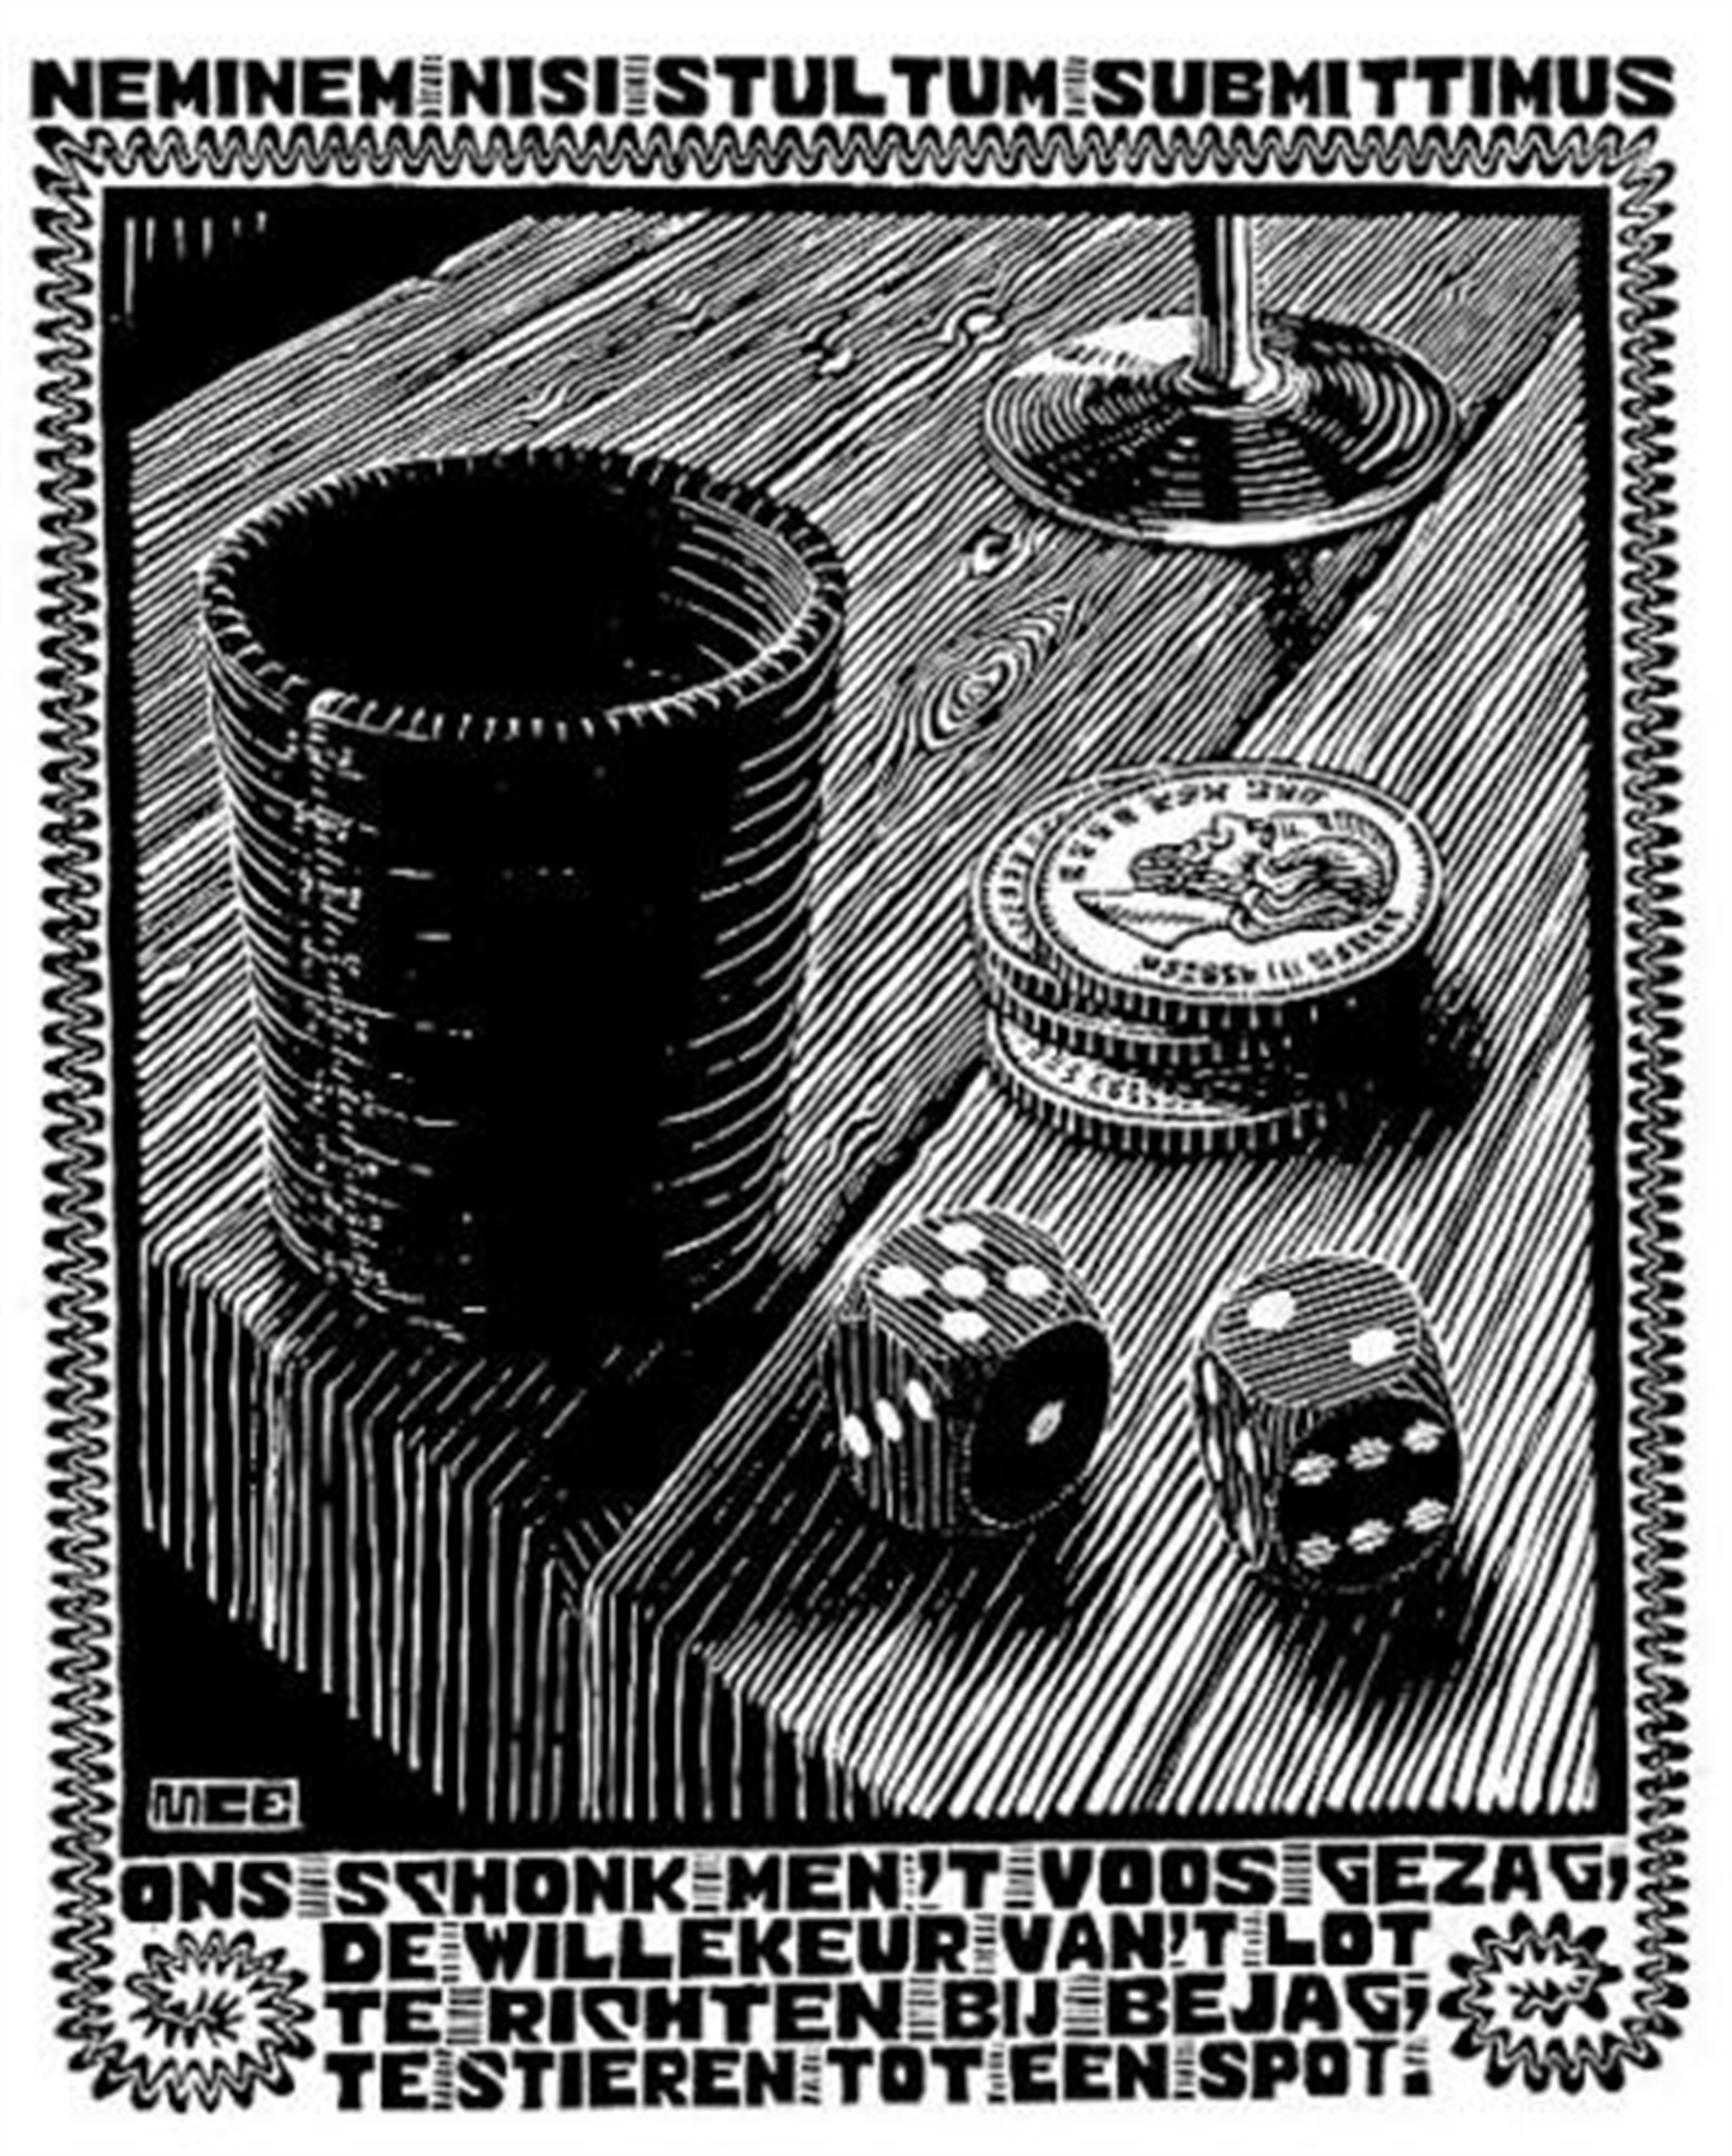 Emblemata - Dice by M.C. Escher